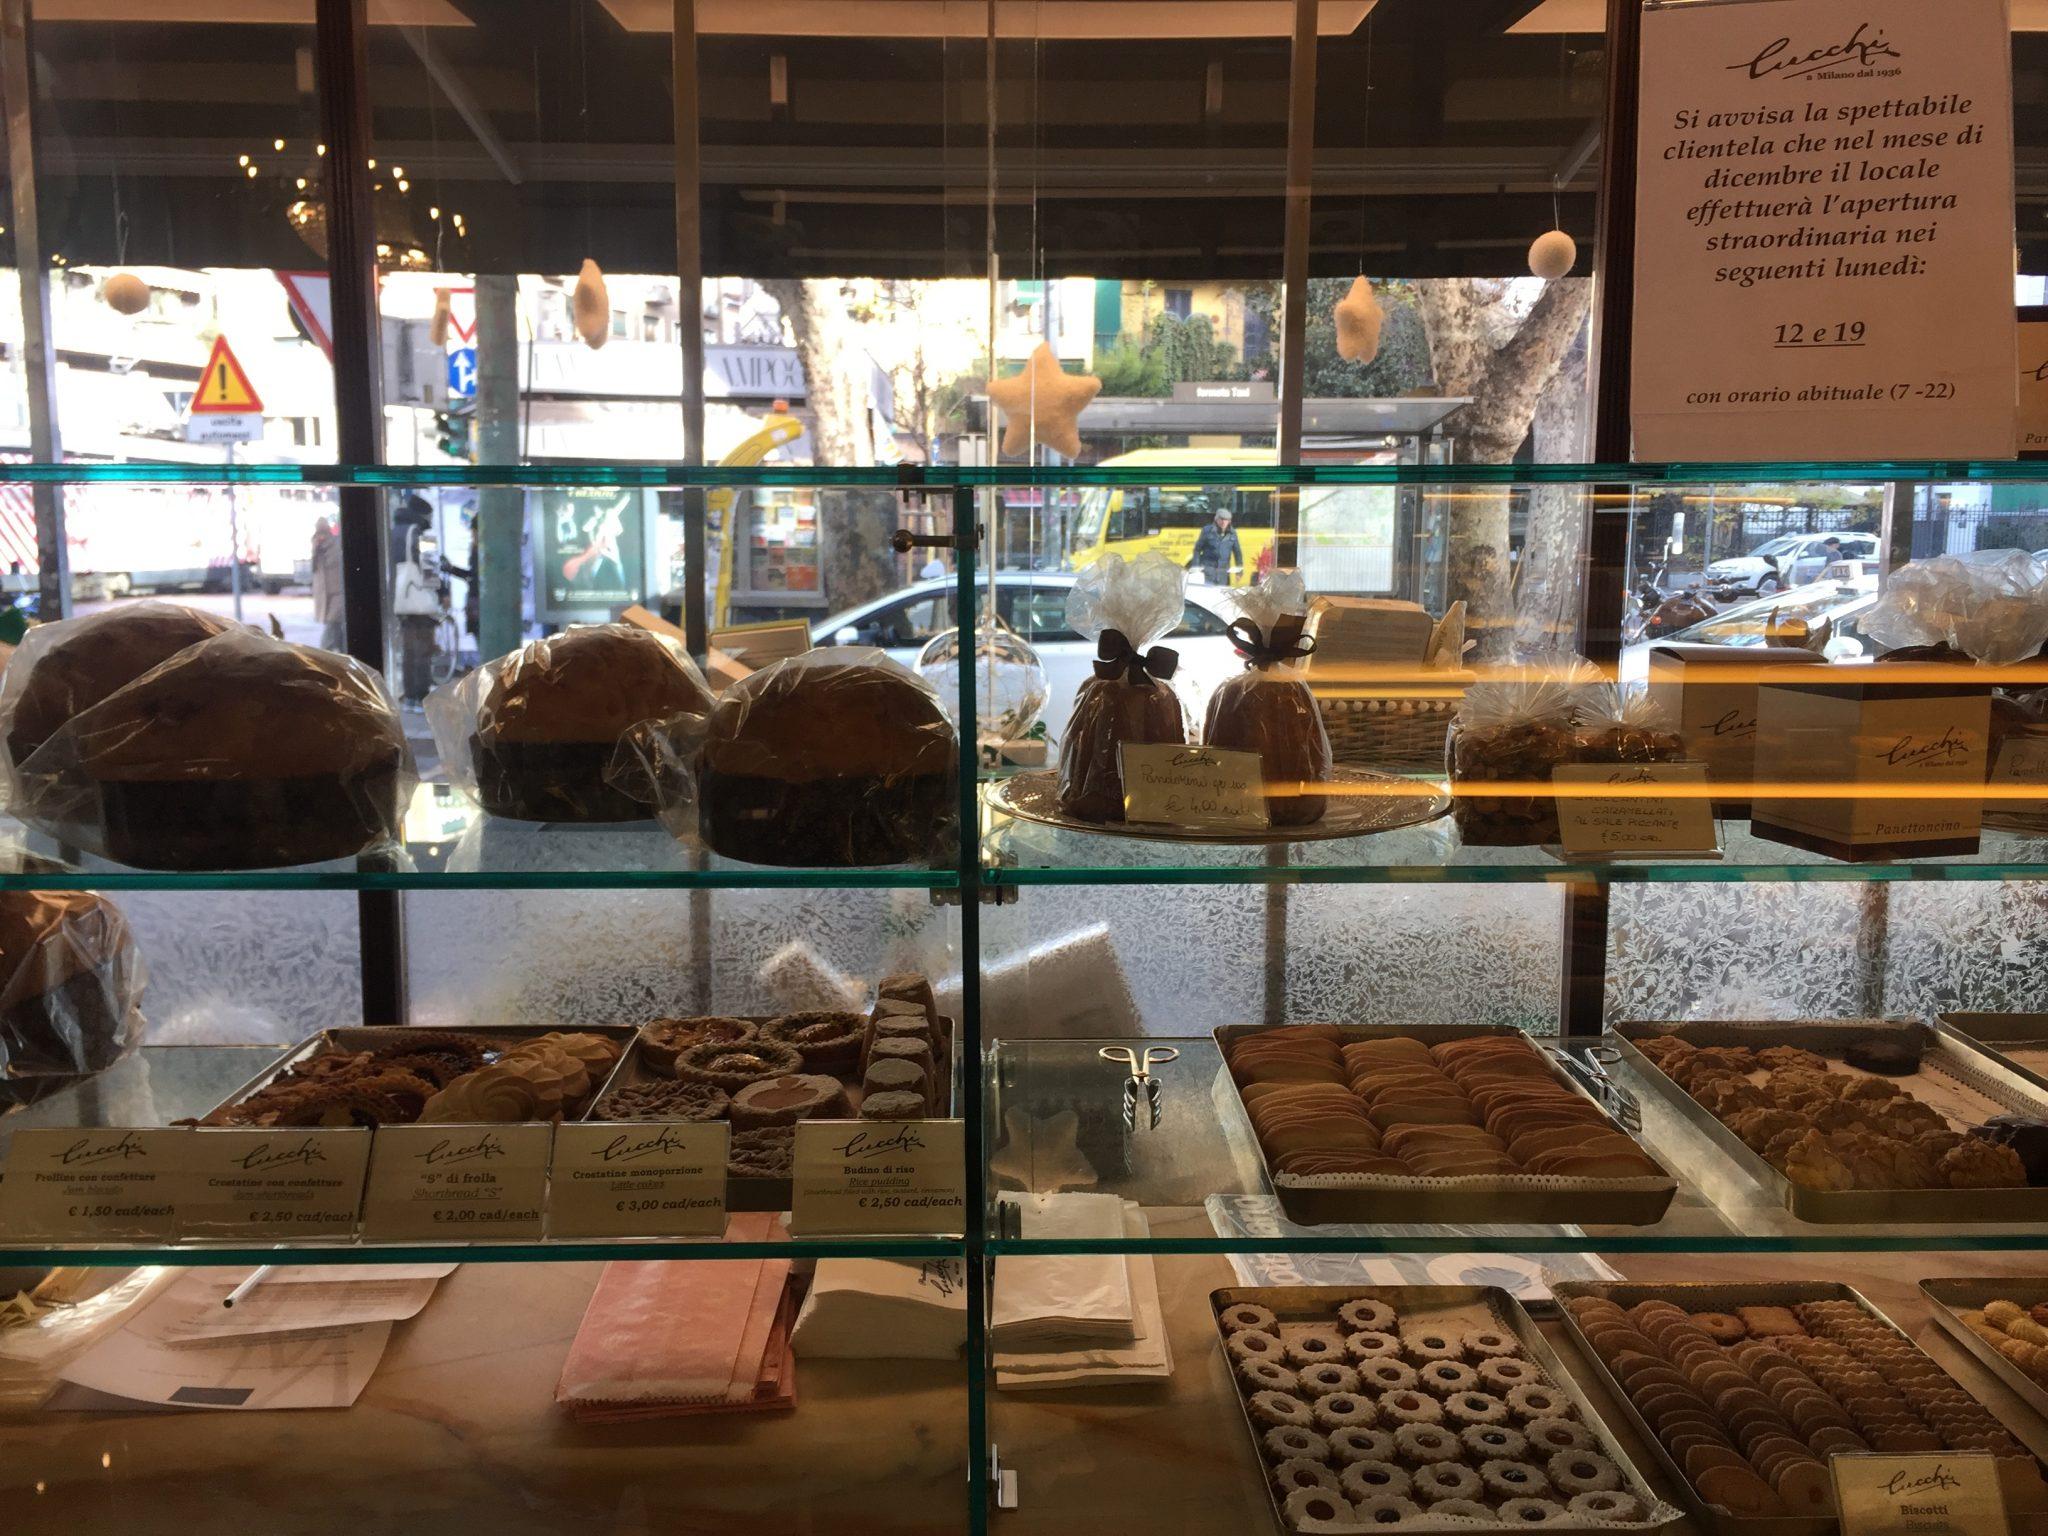 Cucchi tra le pasticcerie a milano dove comprare chiacchiere e tortelli